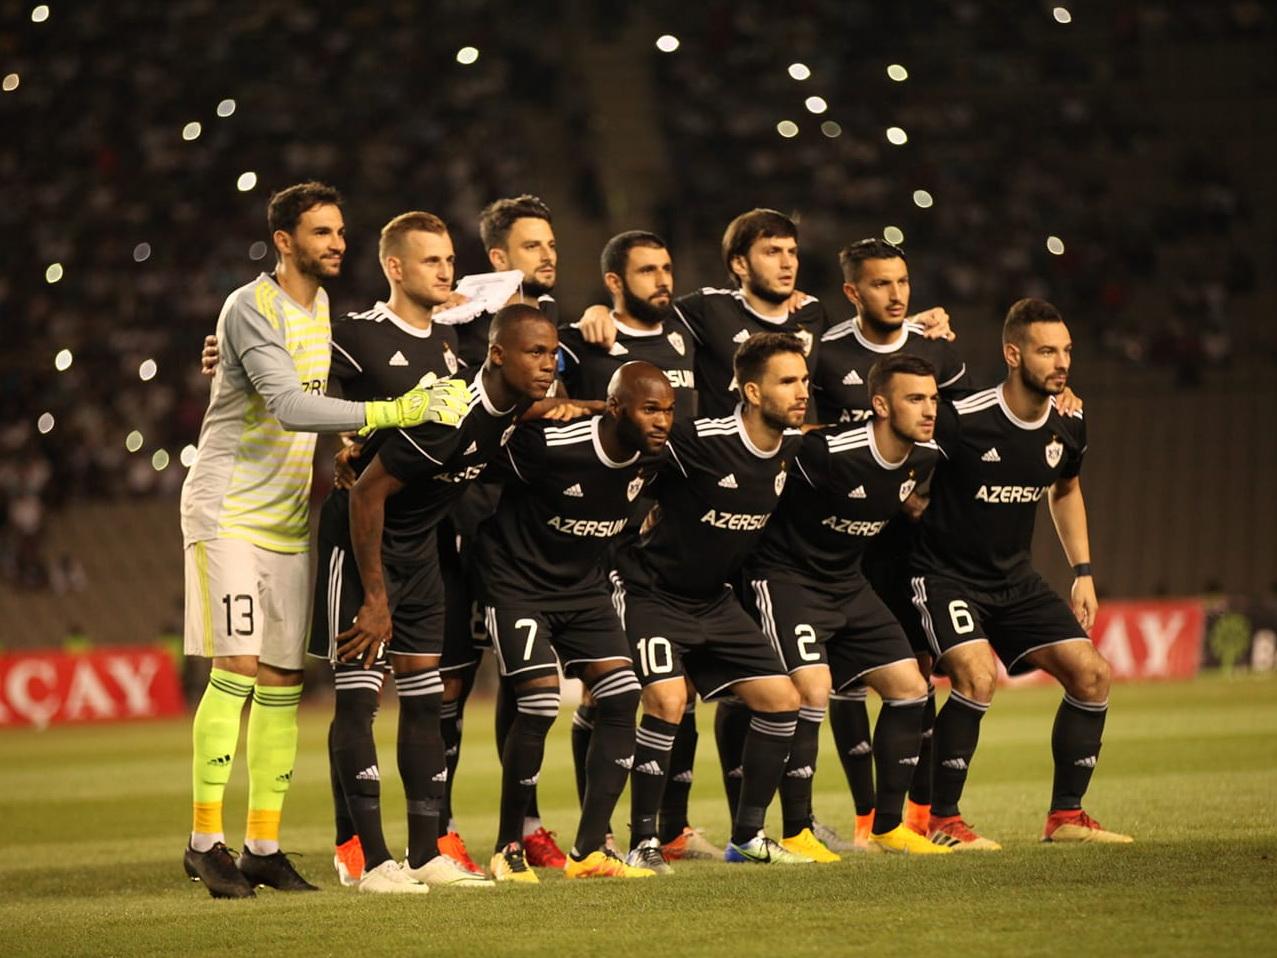 Удачный жребий для «Карабаха» во втором раунде квалификации Лиги чемпионов